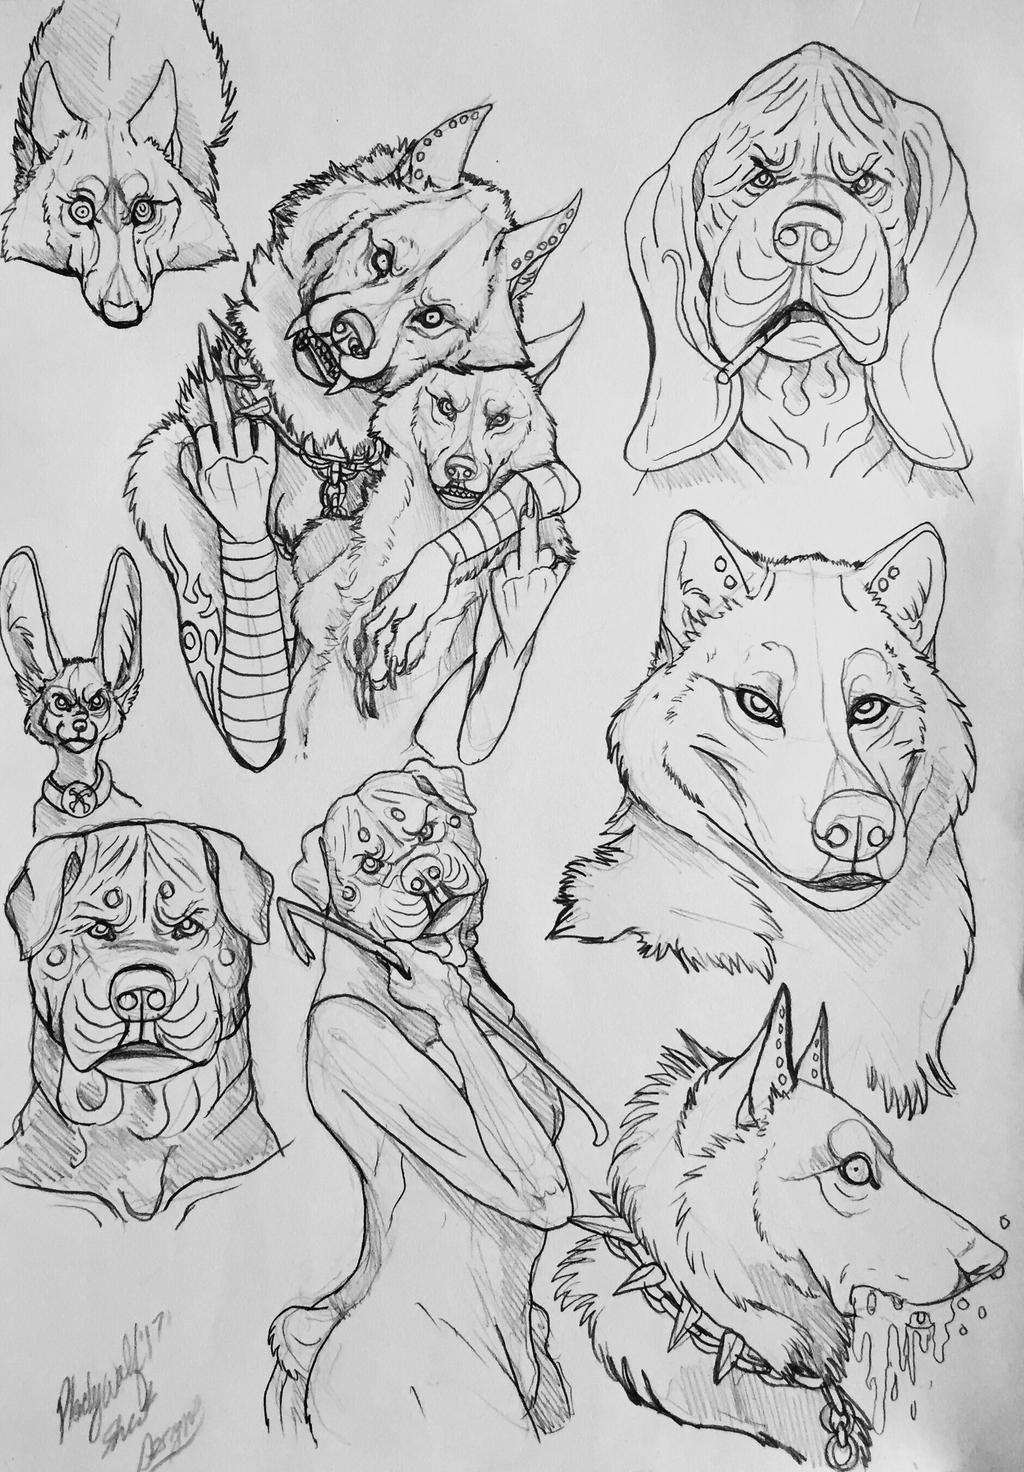 Doodle dump by pladywolf82